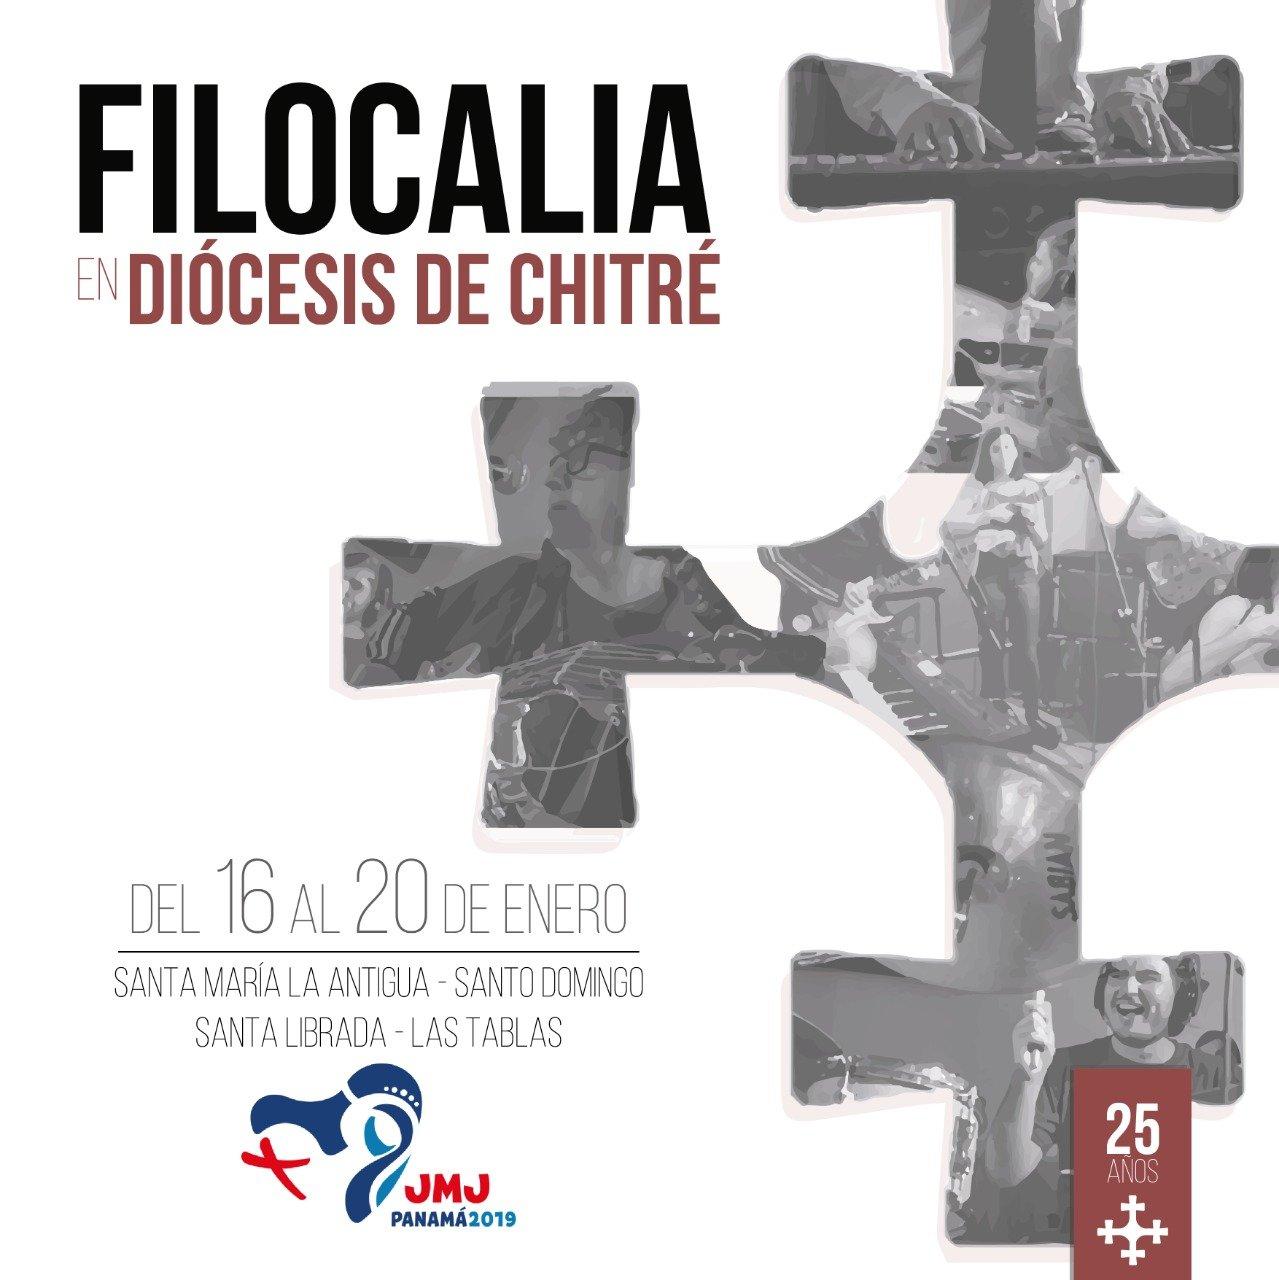 FILOCALIA DIOSESIS DE CHITRE